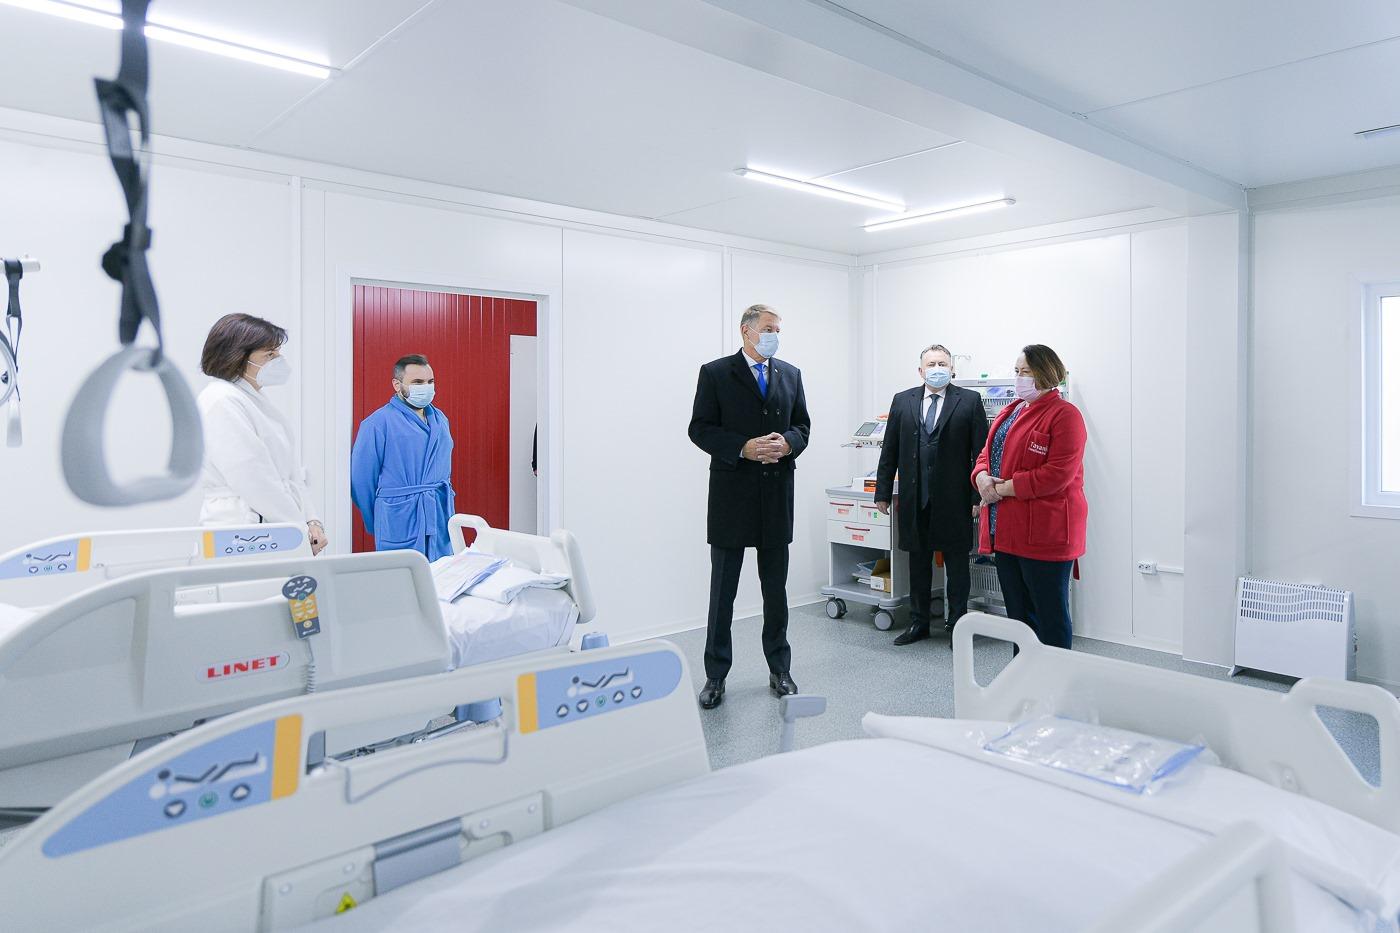 Ați crezut că va dispărea șpaga din spitale dacă le dați mii de euro?